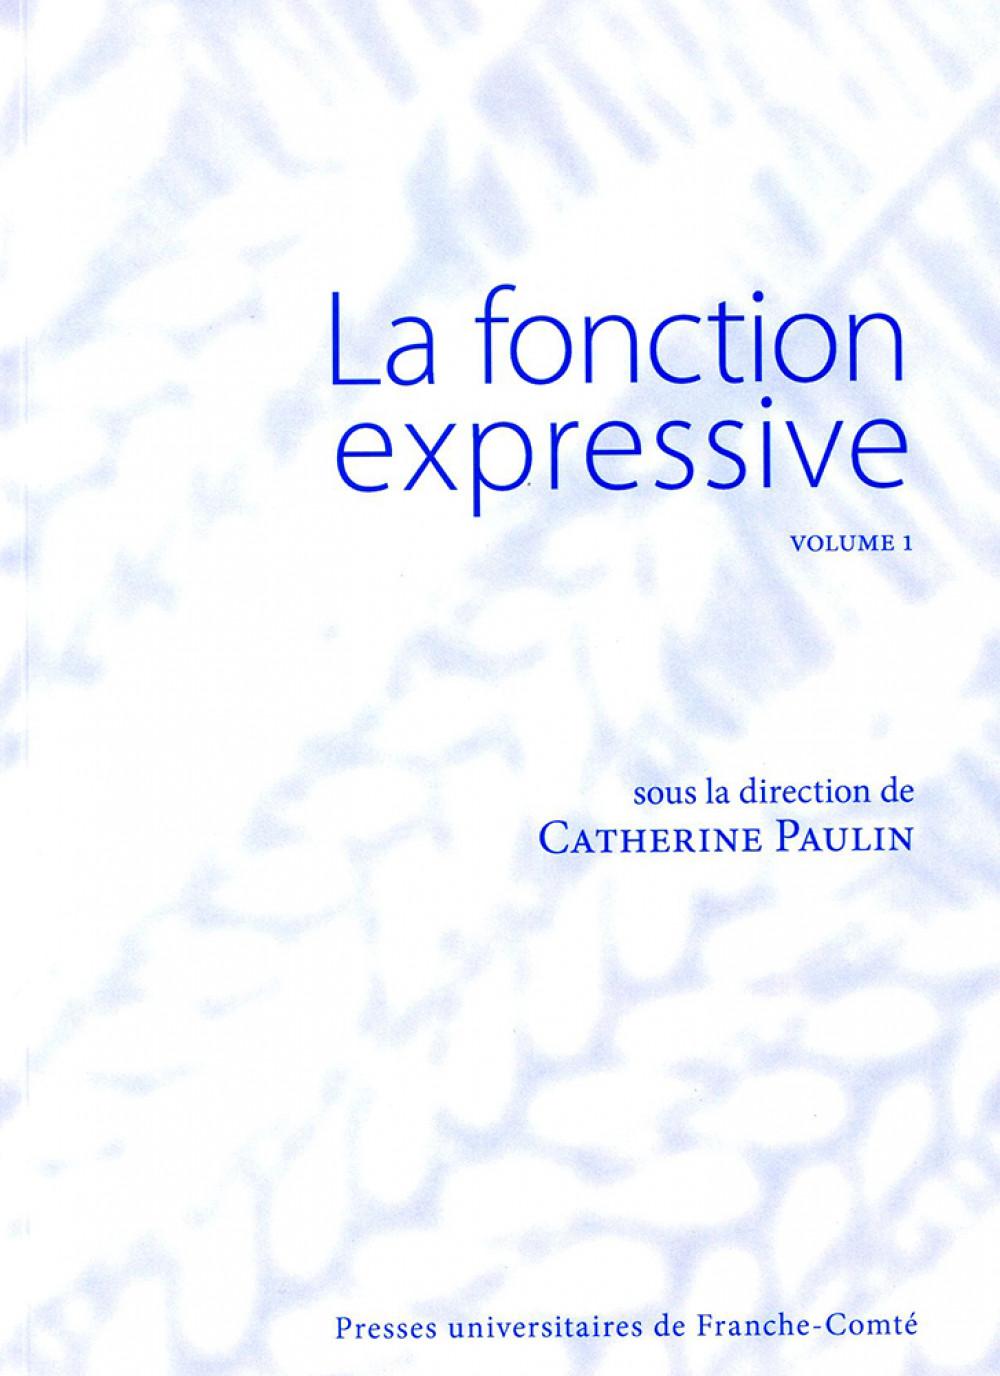 La fonction expressive. Volume 1